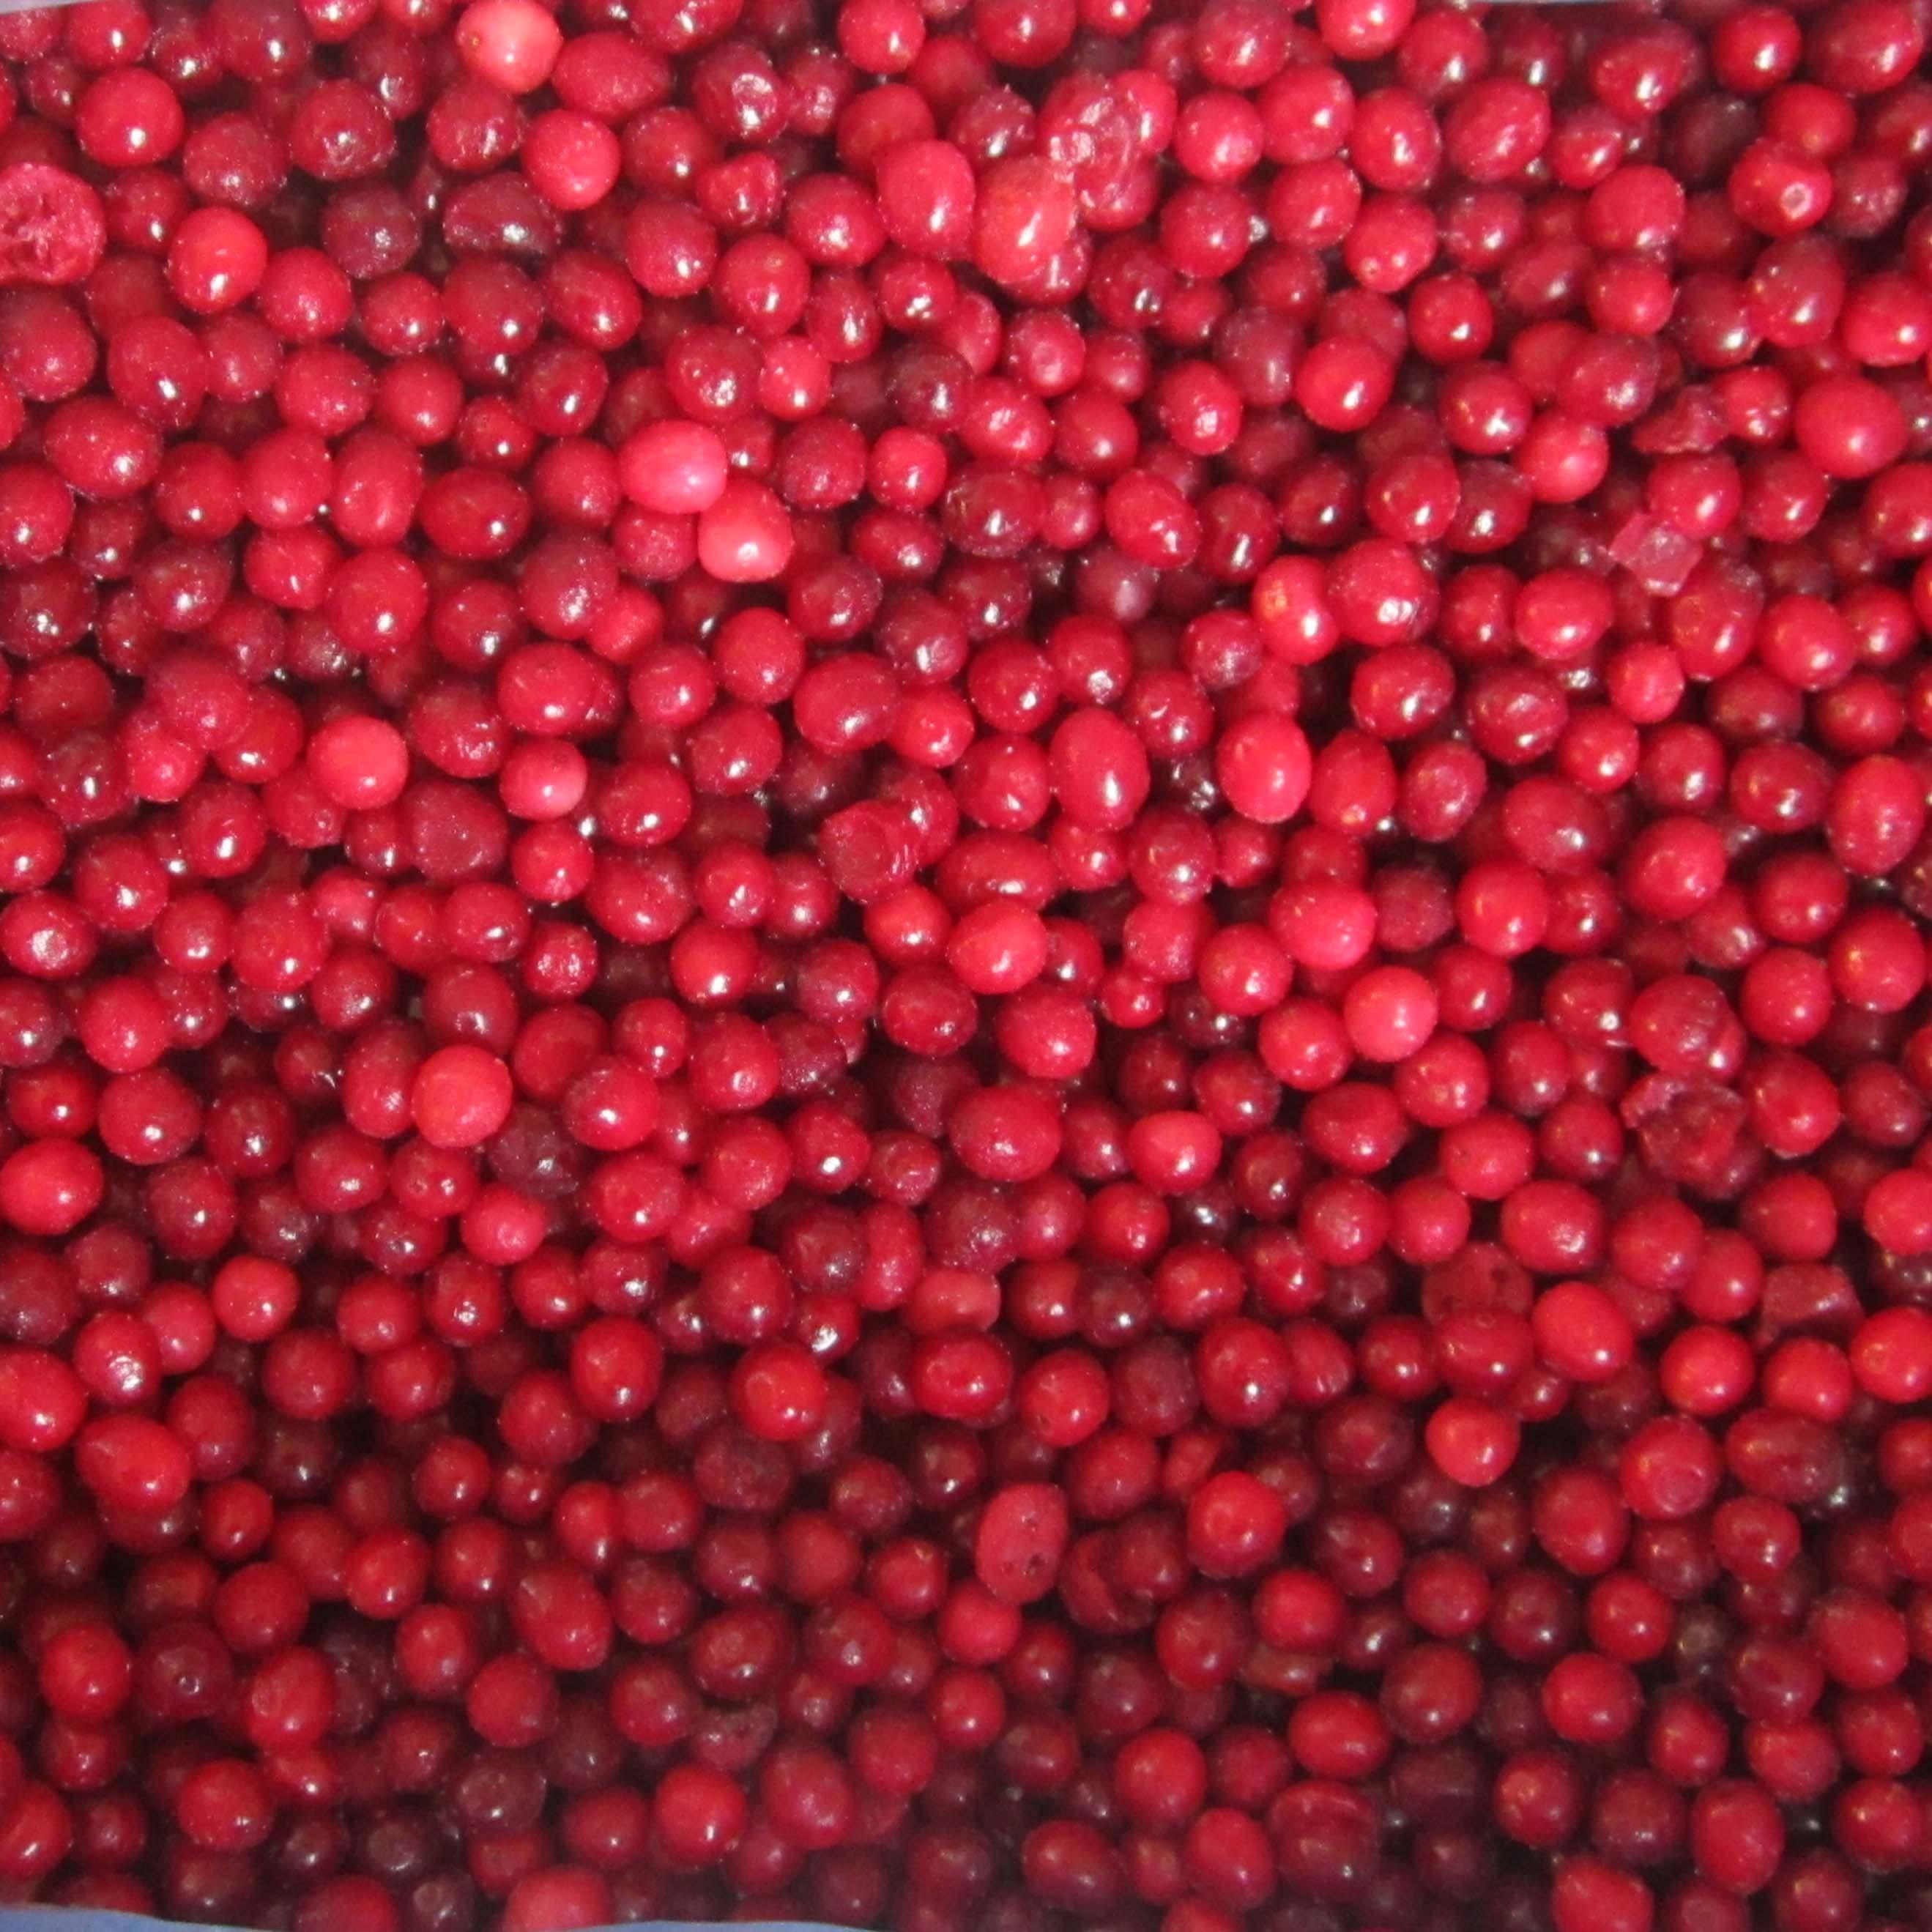 冷冻蔓越莓